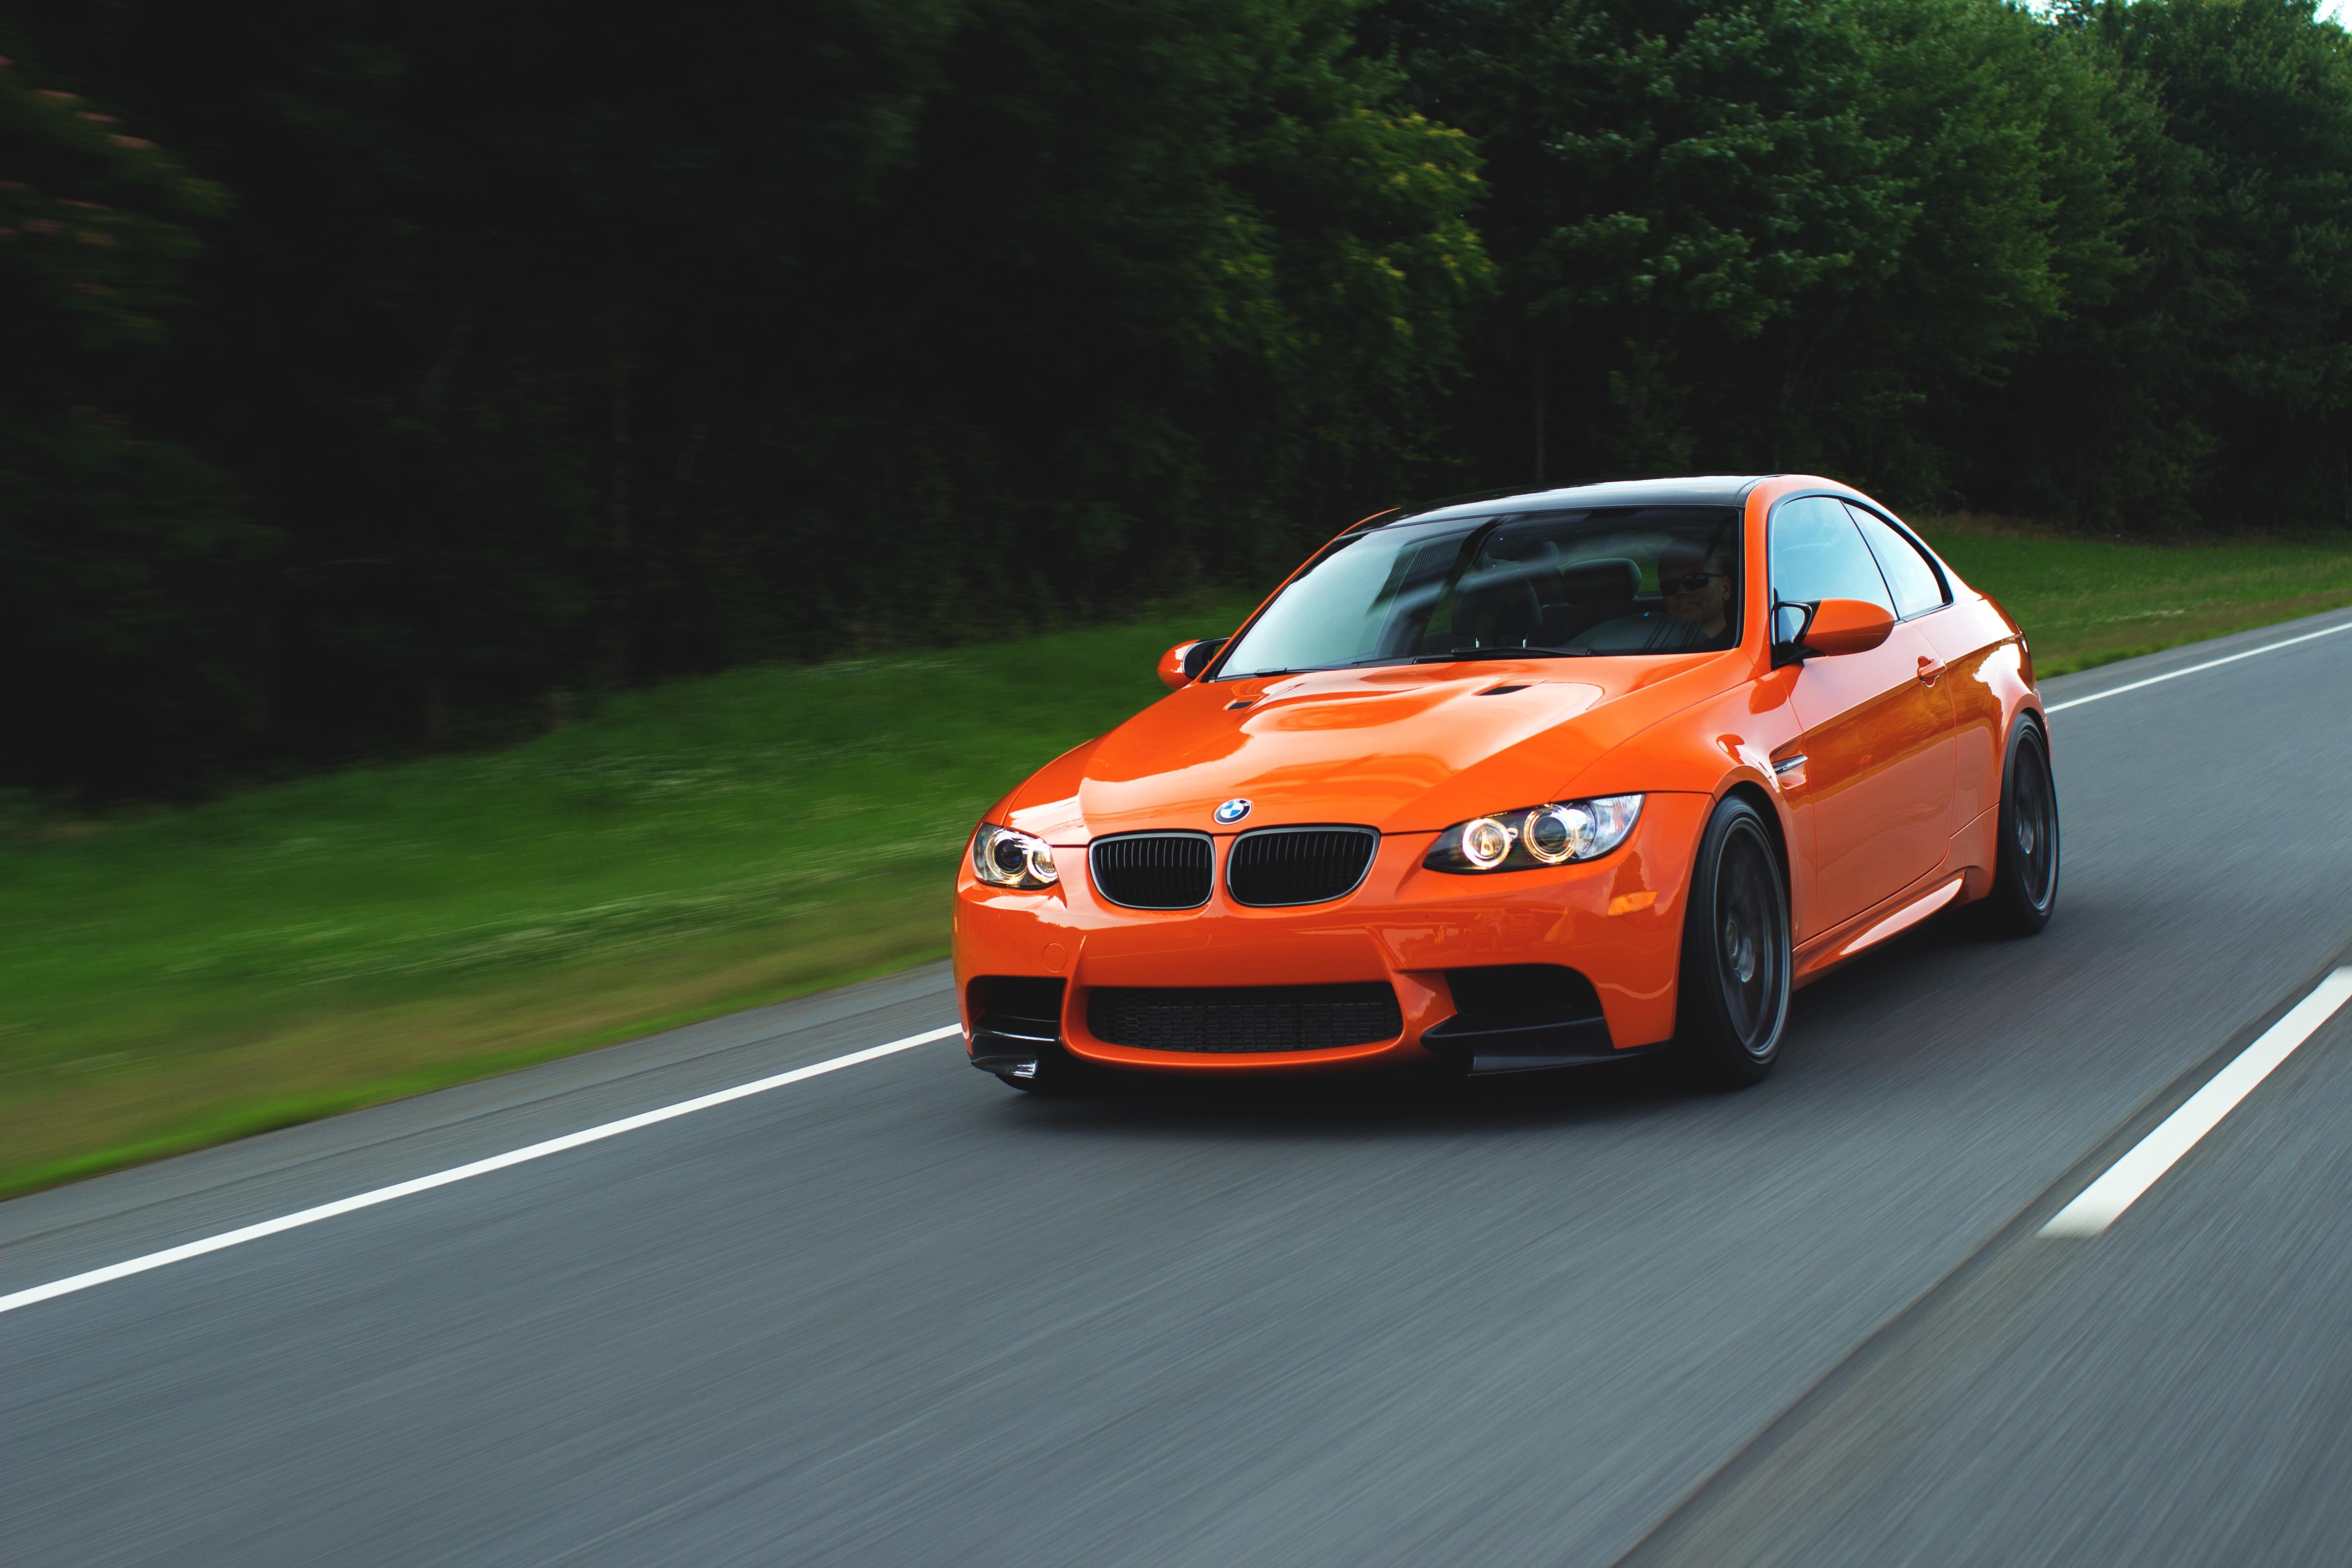 148242 скачать обои Тачки (Cars), Бмв, E92, Speed, Бмв (Bmw), Оранжевый, M3 - заставки и картинки бесплатно